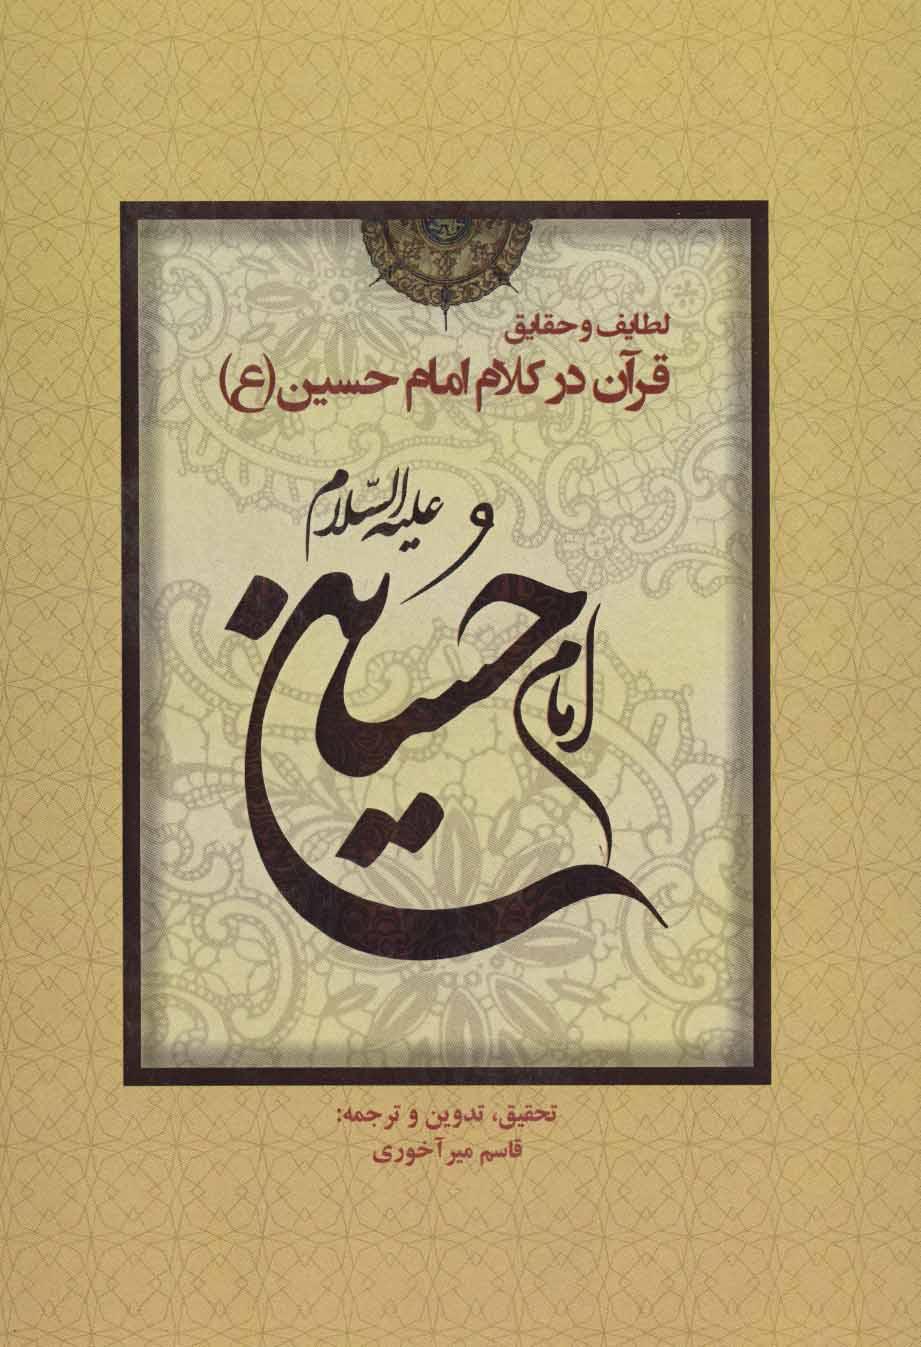 لطایف و حقایق قرآن در کلام امام حسین (ع)